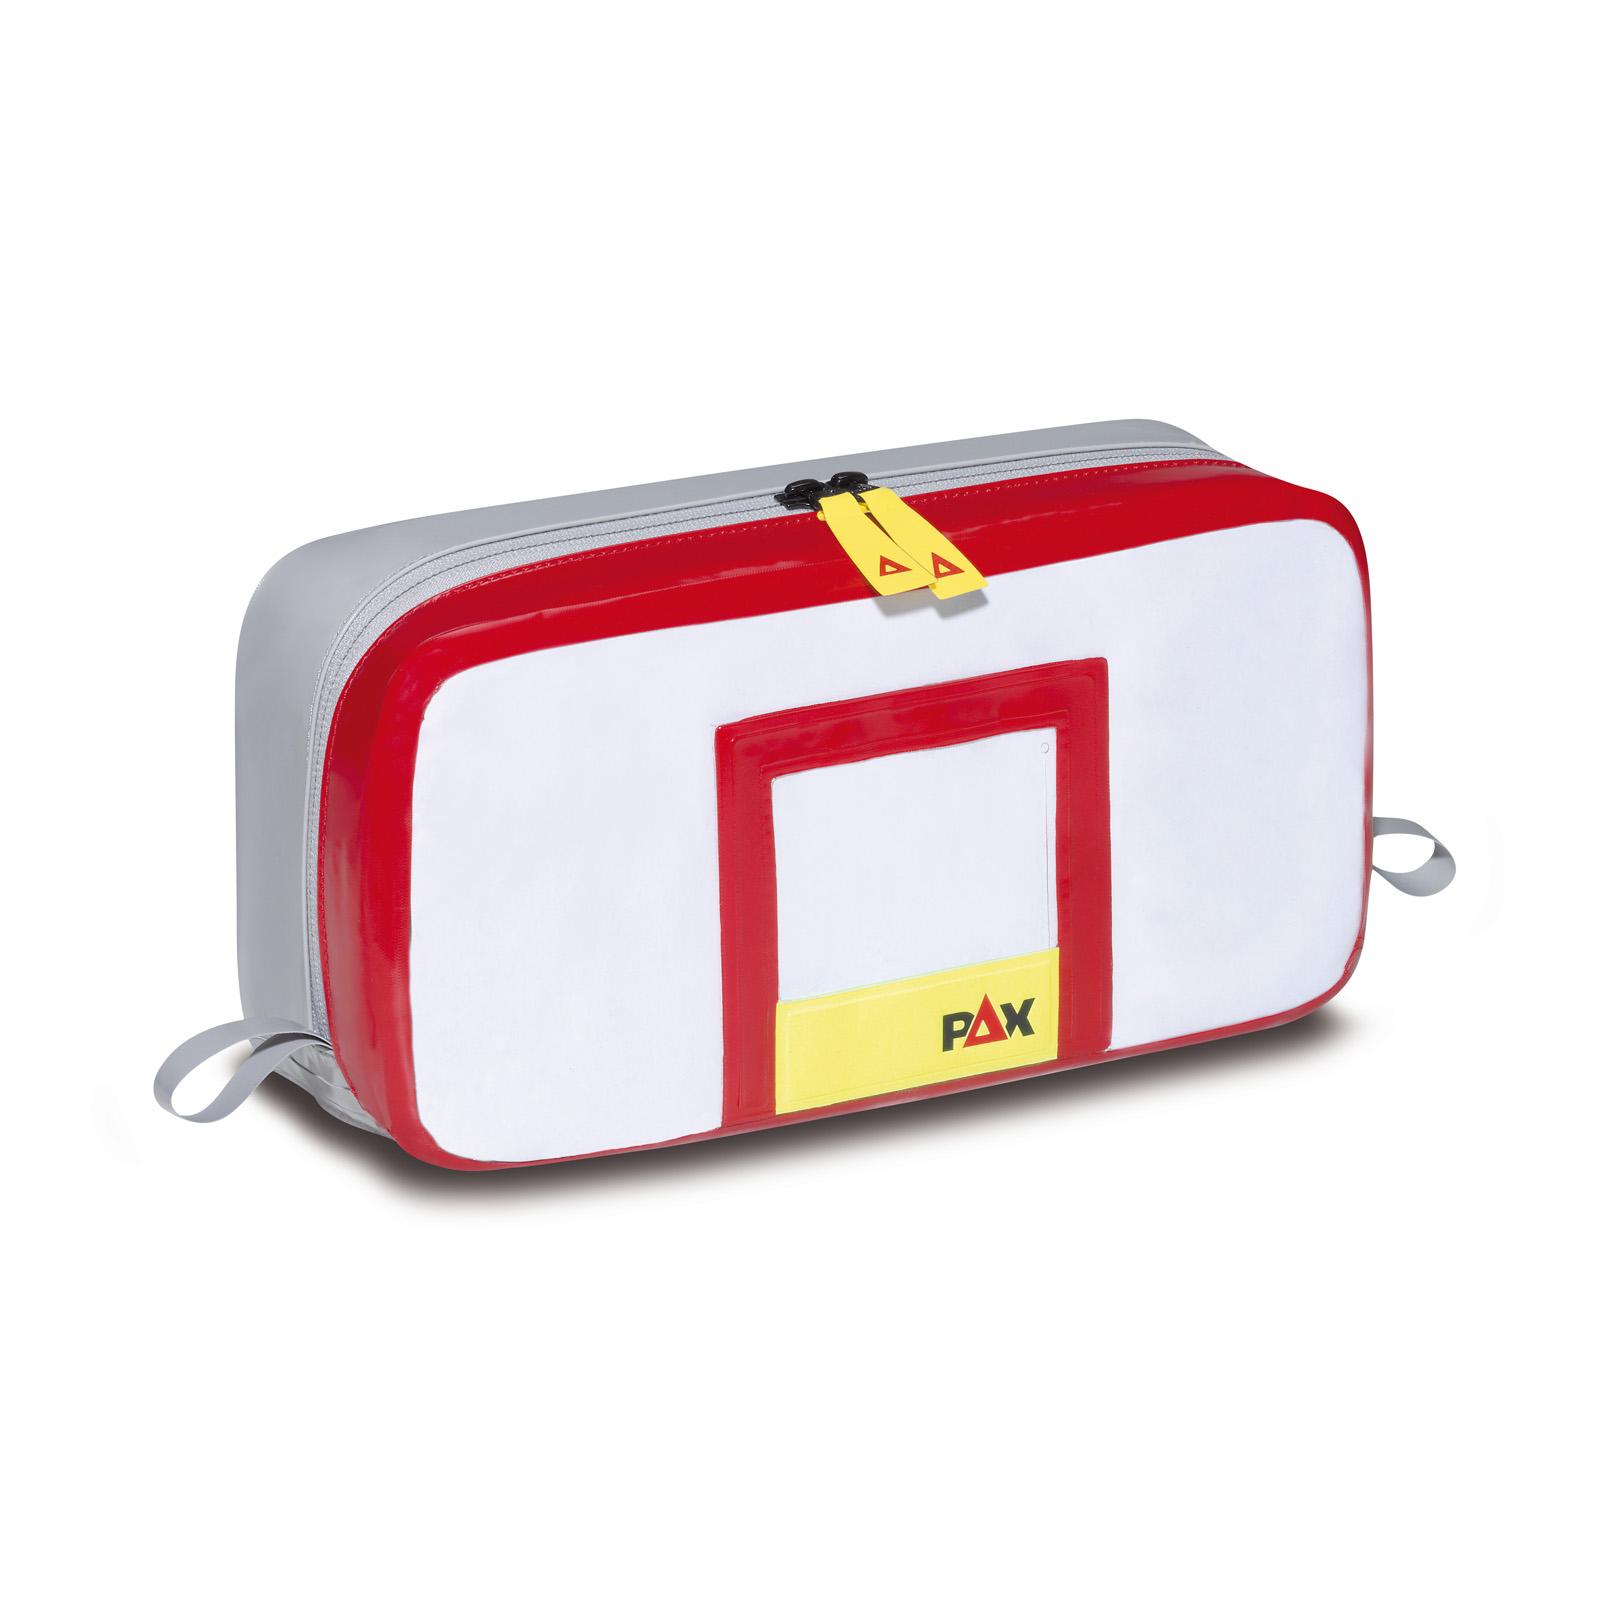 Innentasche L - geschweißt, in PAX-PureTex rot